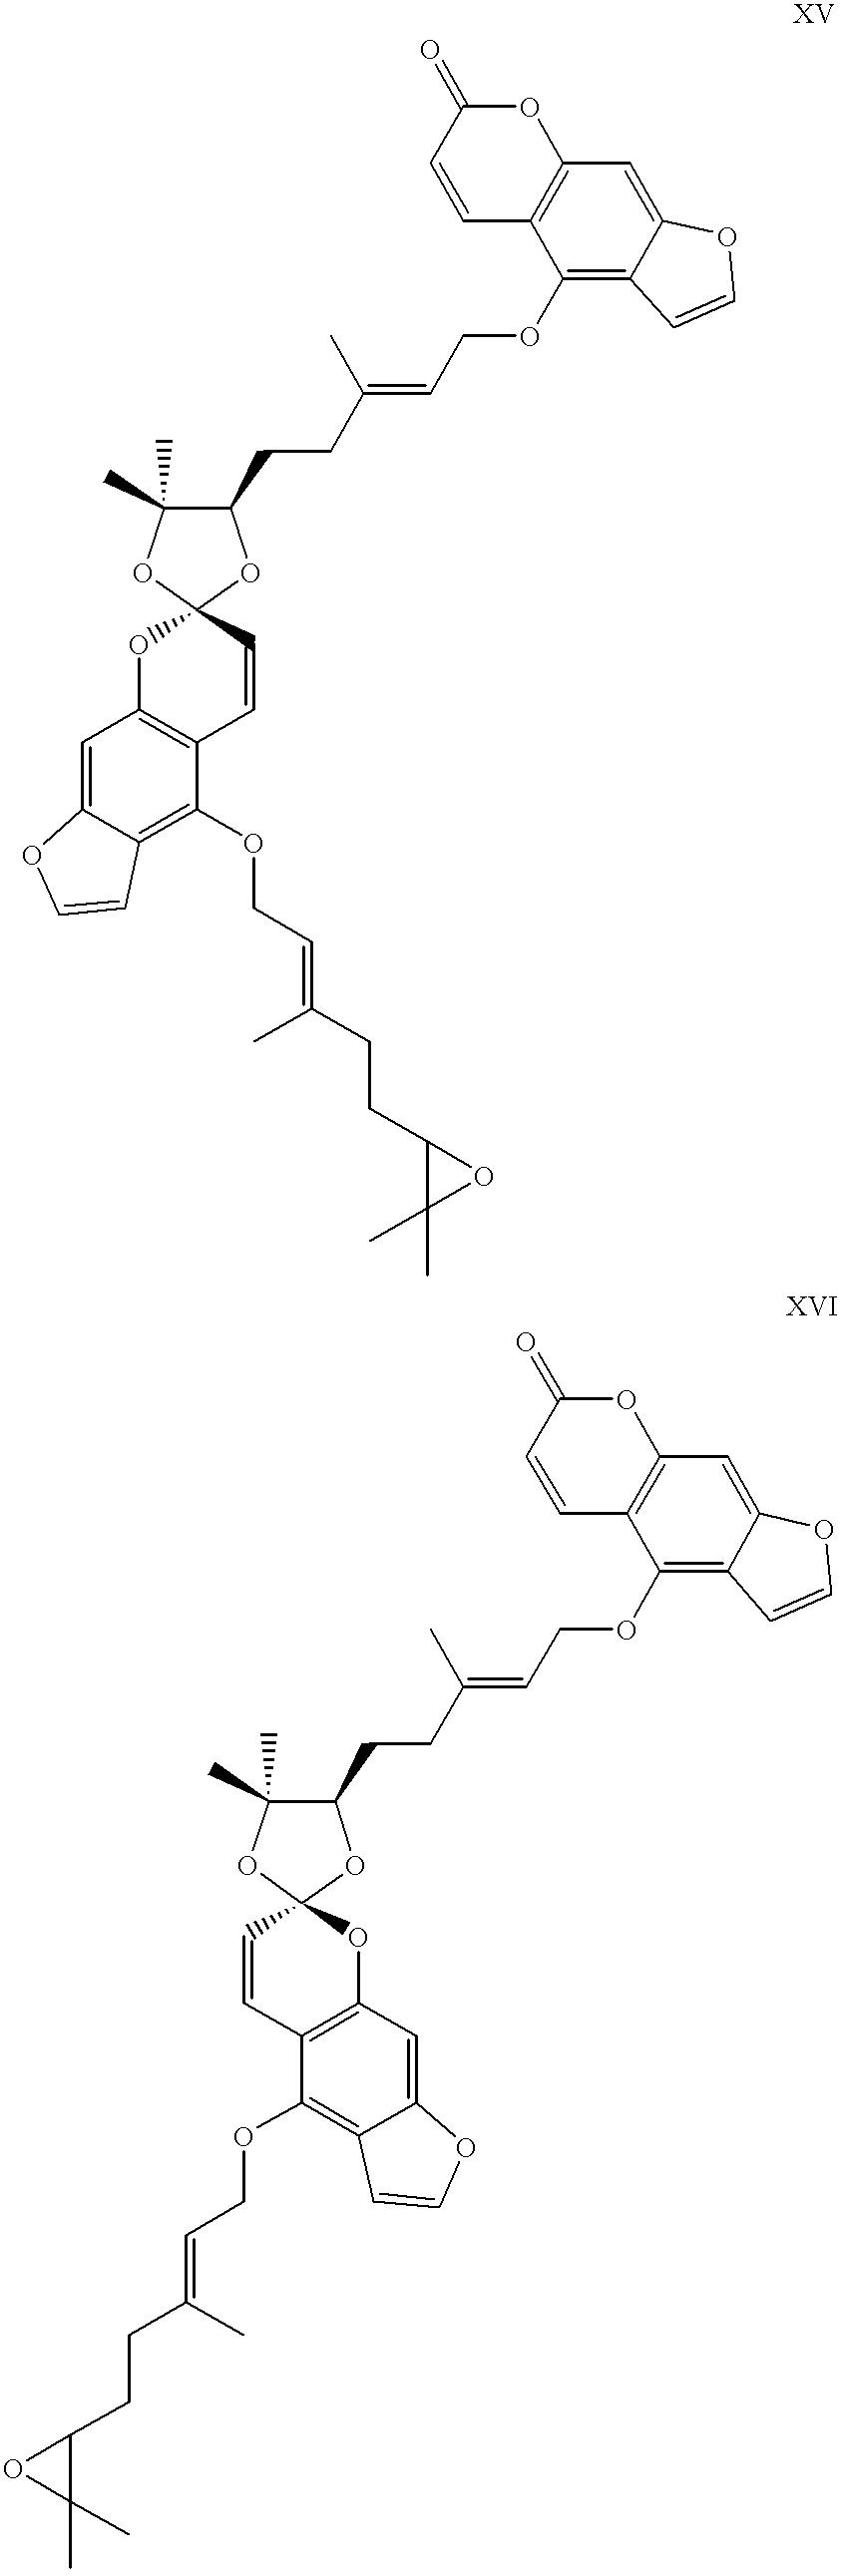 Figure US06248776-20010619-C00007